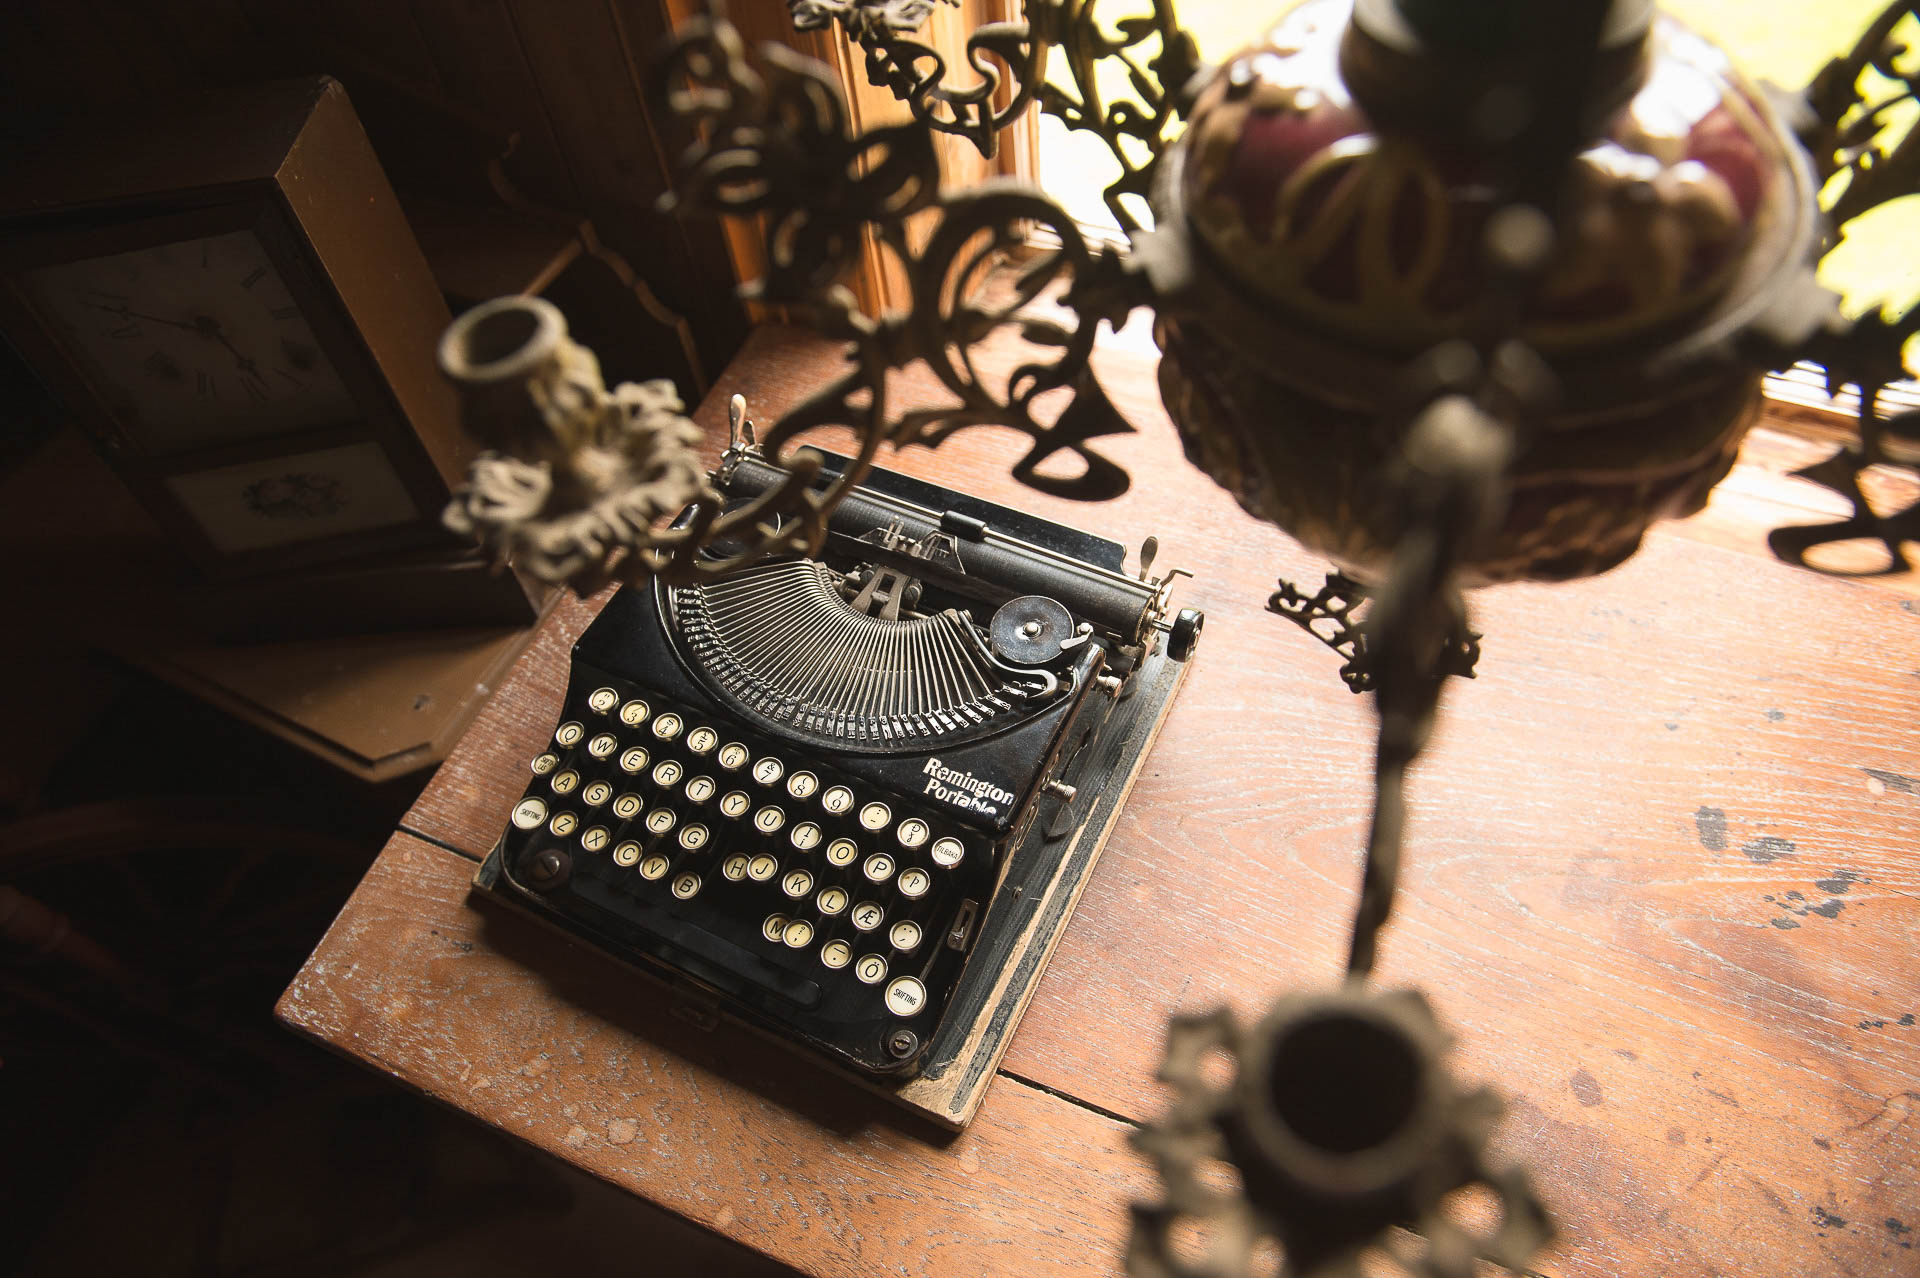 Fotostory von Redeleit und Junker - Alte Schreibmaschine im Museum in Skógafsafn in Island